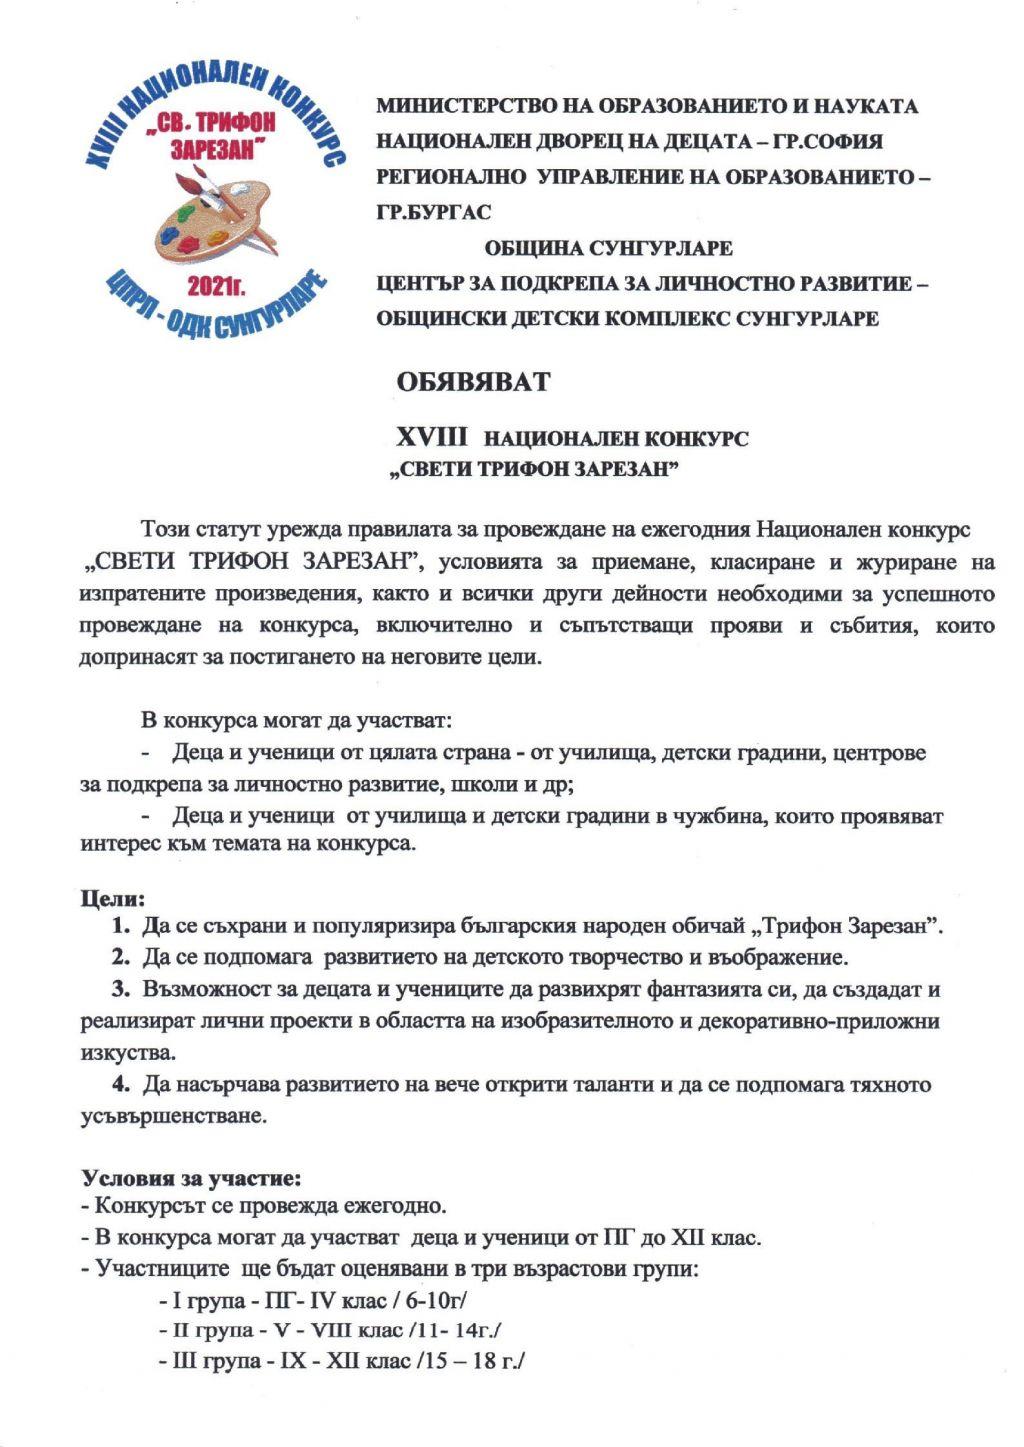 """Национален конкурс """"СВЕТИ ТРИФОН ЗАРЕЗАН"""" - голяма снимка"""